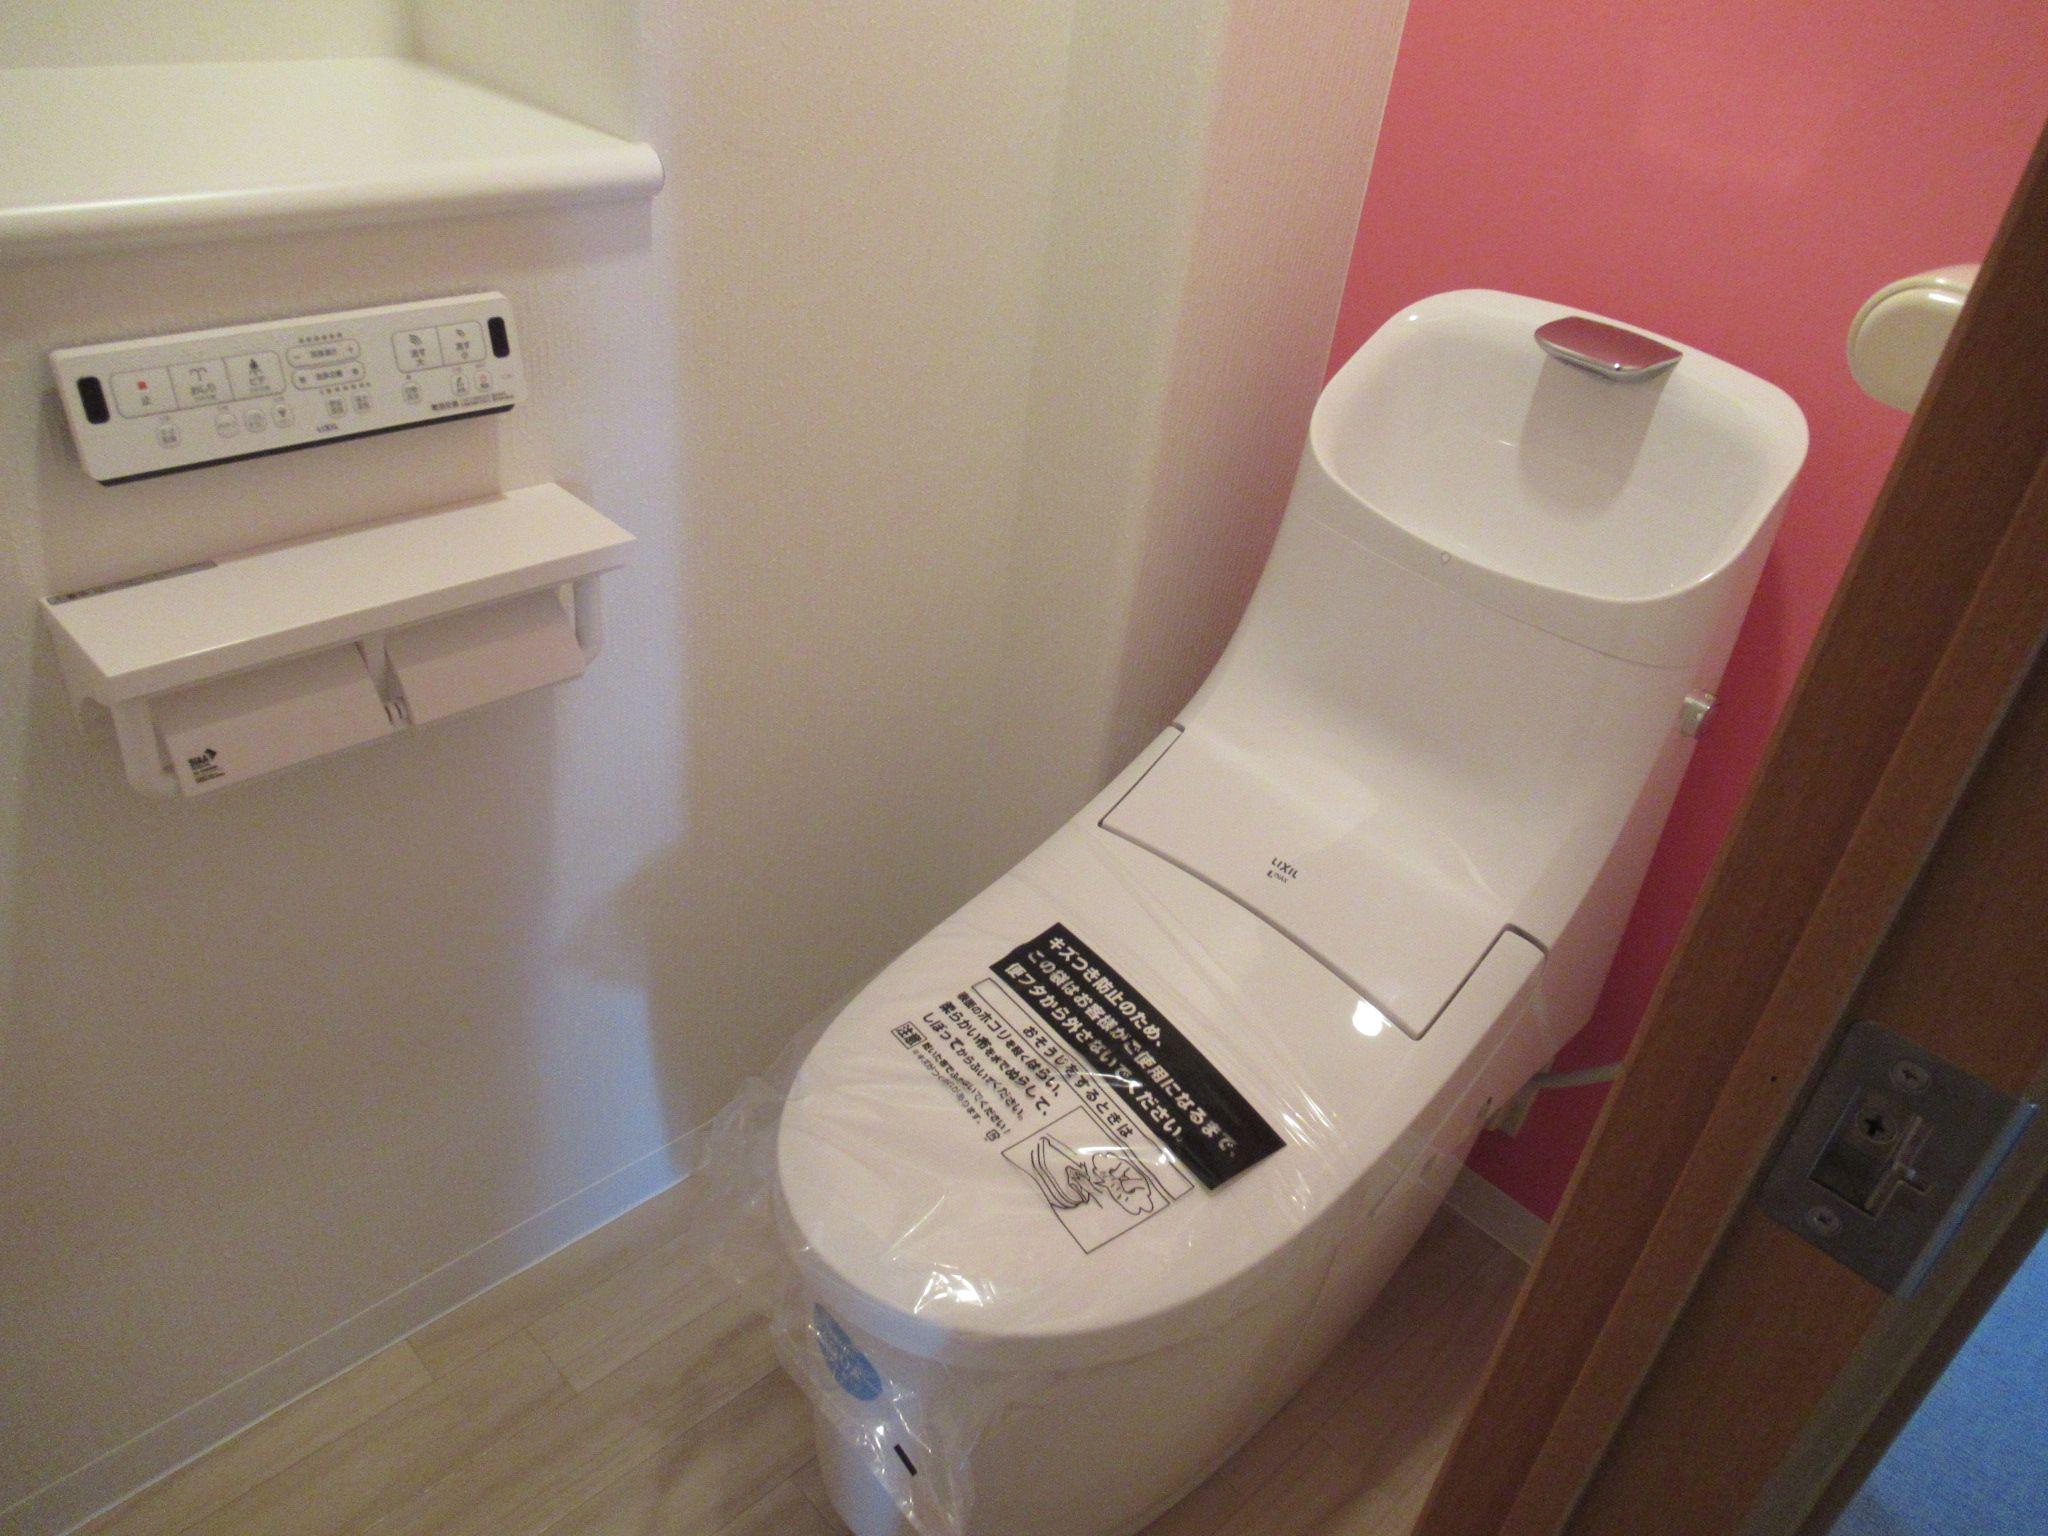 トイレ リクシル プレアス ピュアホワイト リクシル アクセントクロス トイレ